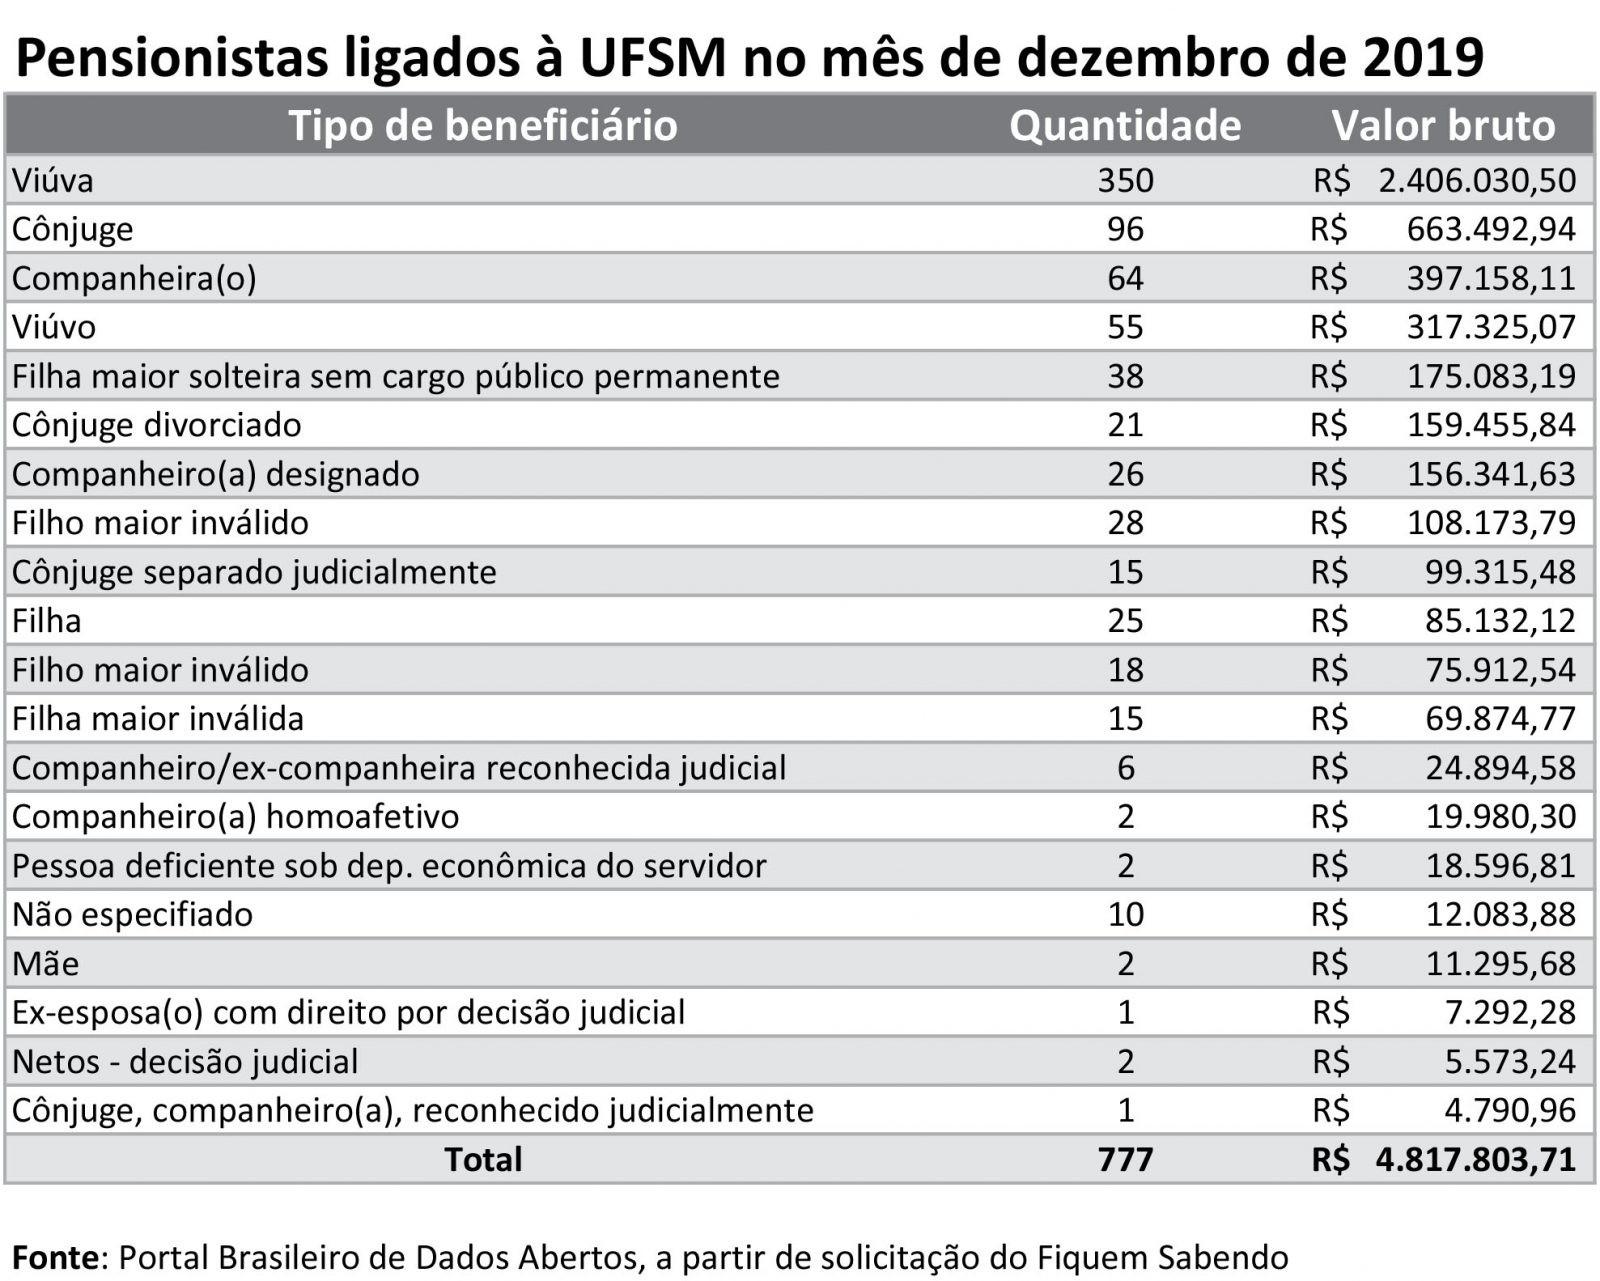 UFSM. Pensionistas receberam R$ 14,3 milhões nos dois últimos meses. Maioria das pensões é vitalícia - pensao-beneficios-II-ufsm